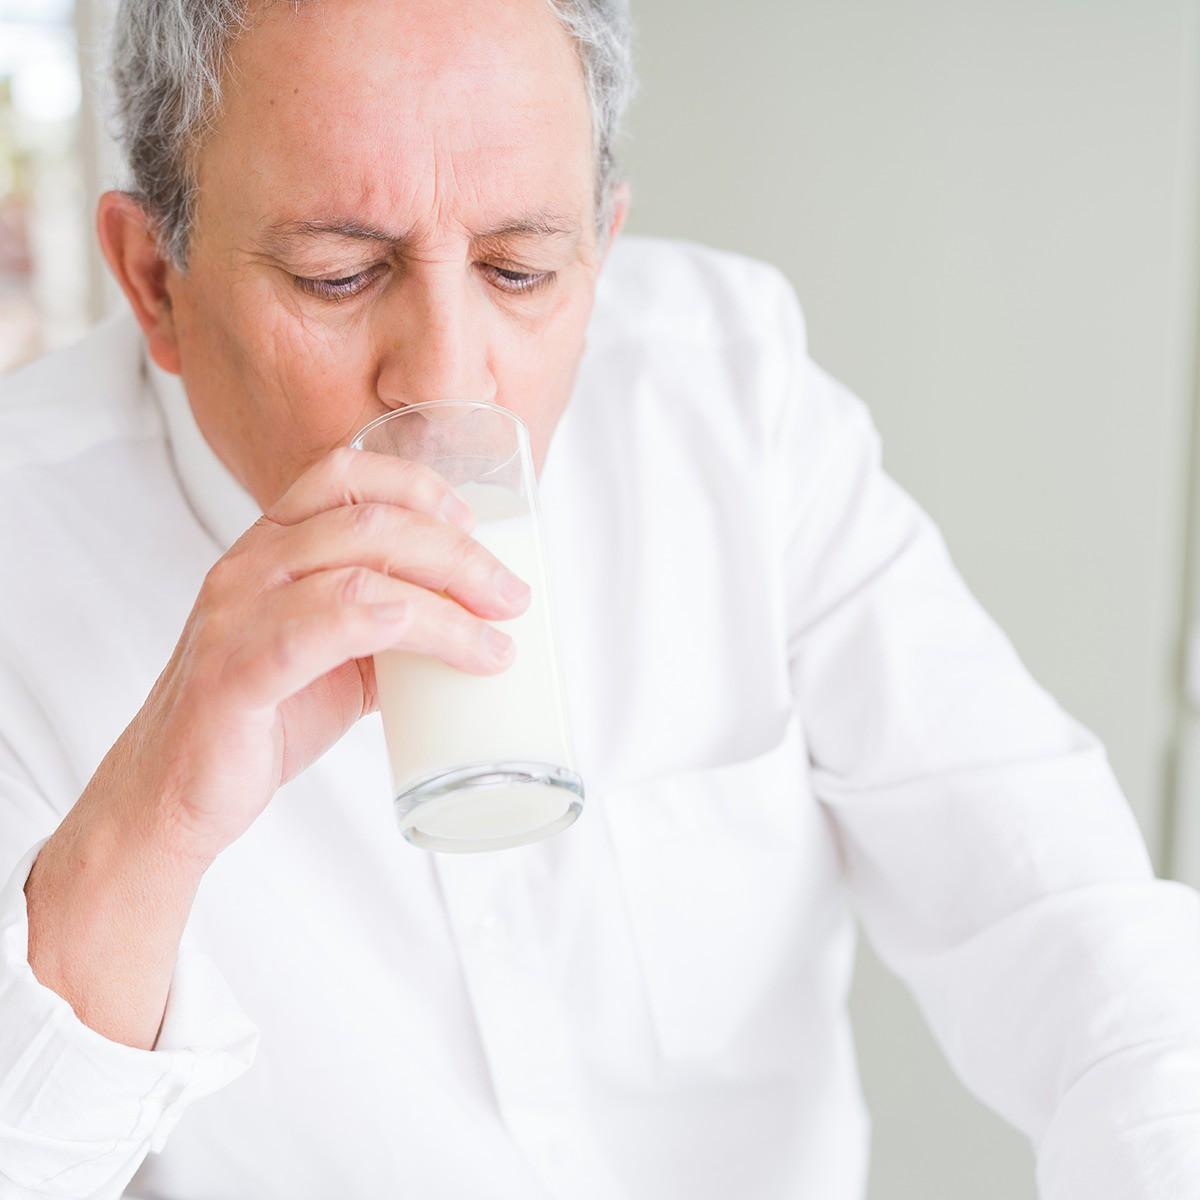 Wat zijn de symptomen van een tekort aan calcium?